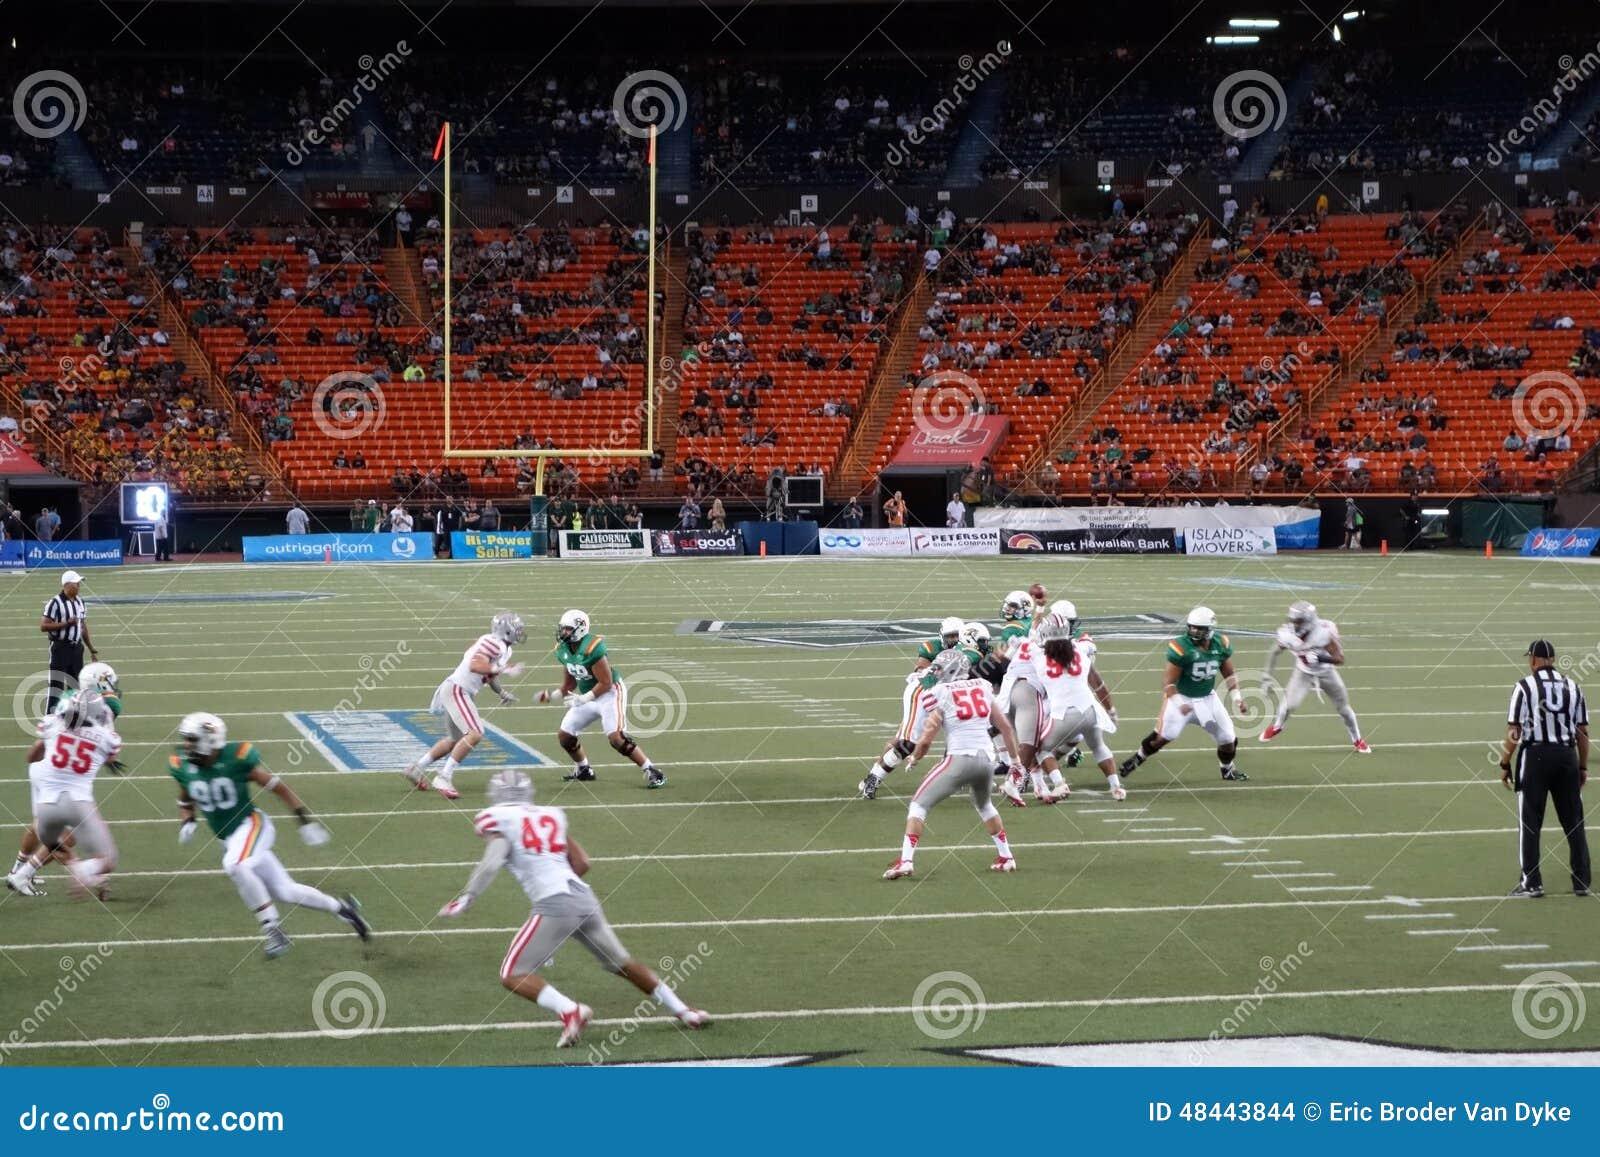 O lançador do UH ajusta-se para jogar a bola enquanto os jogadores escarafuncham para obter o ope